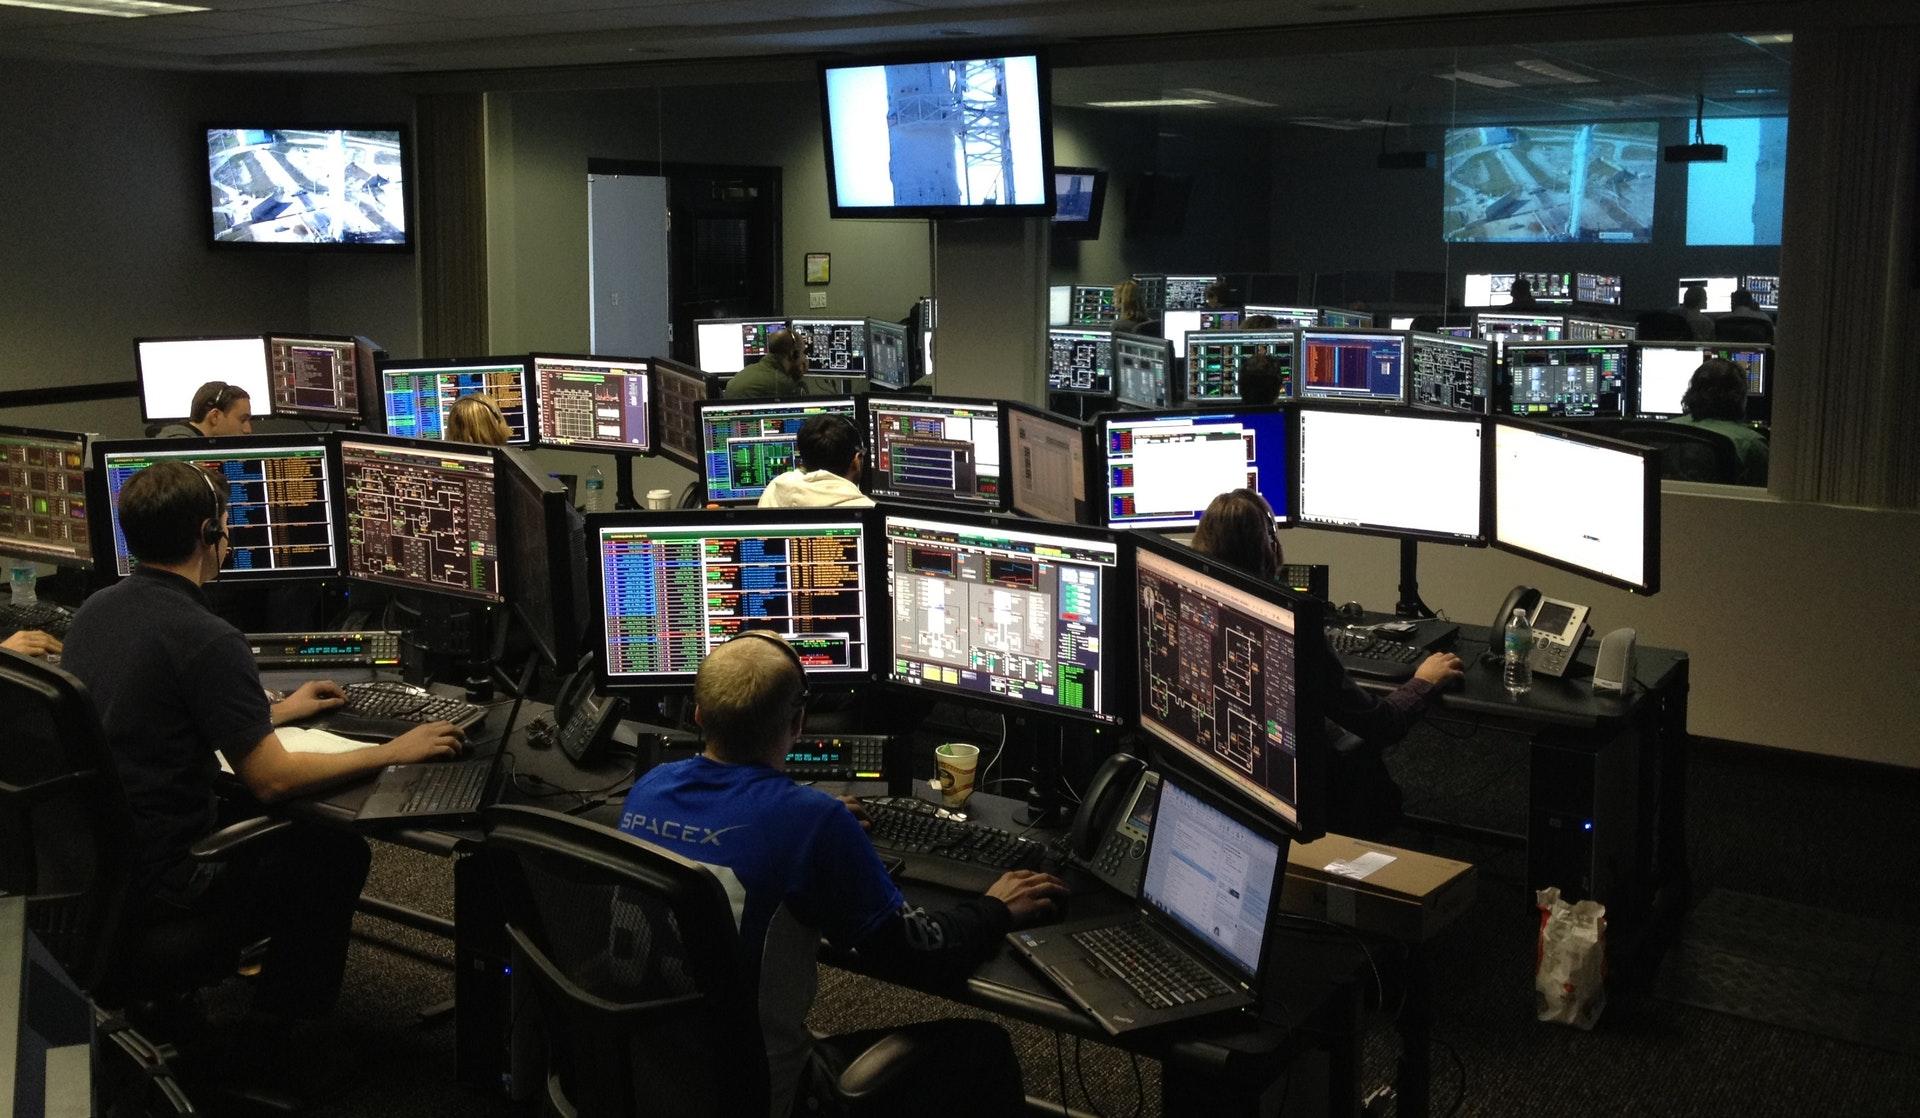 soluções de tecnologia contra a covid-19